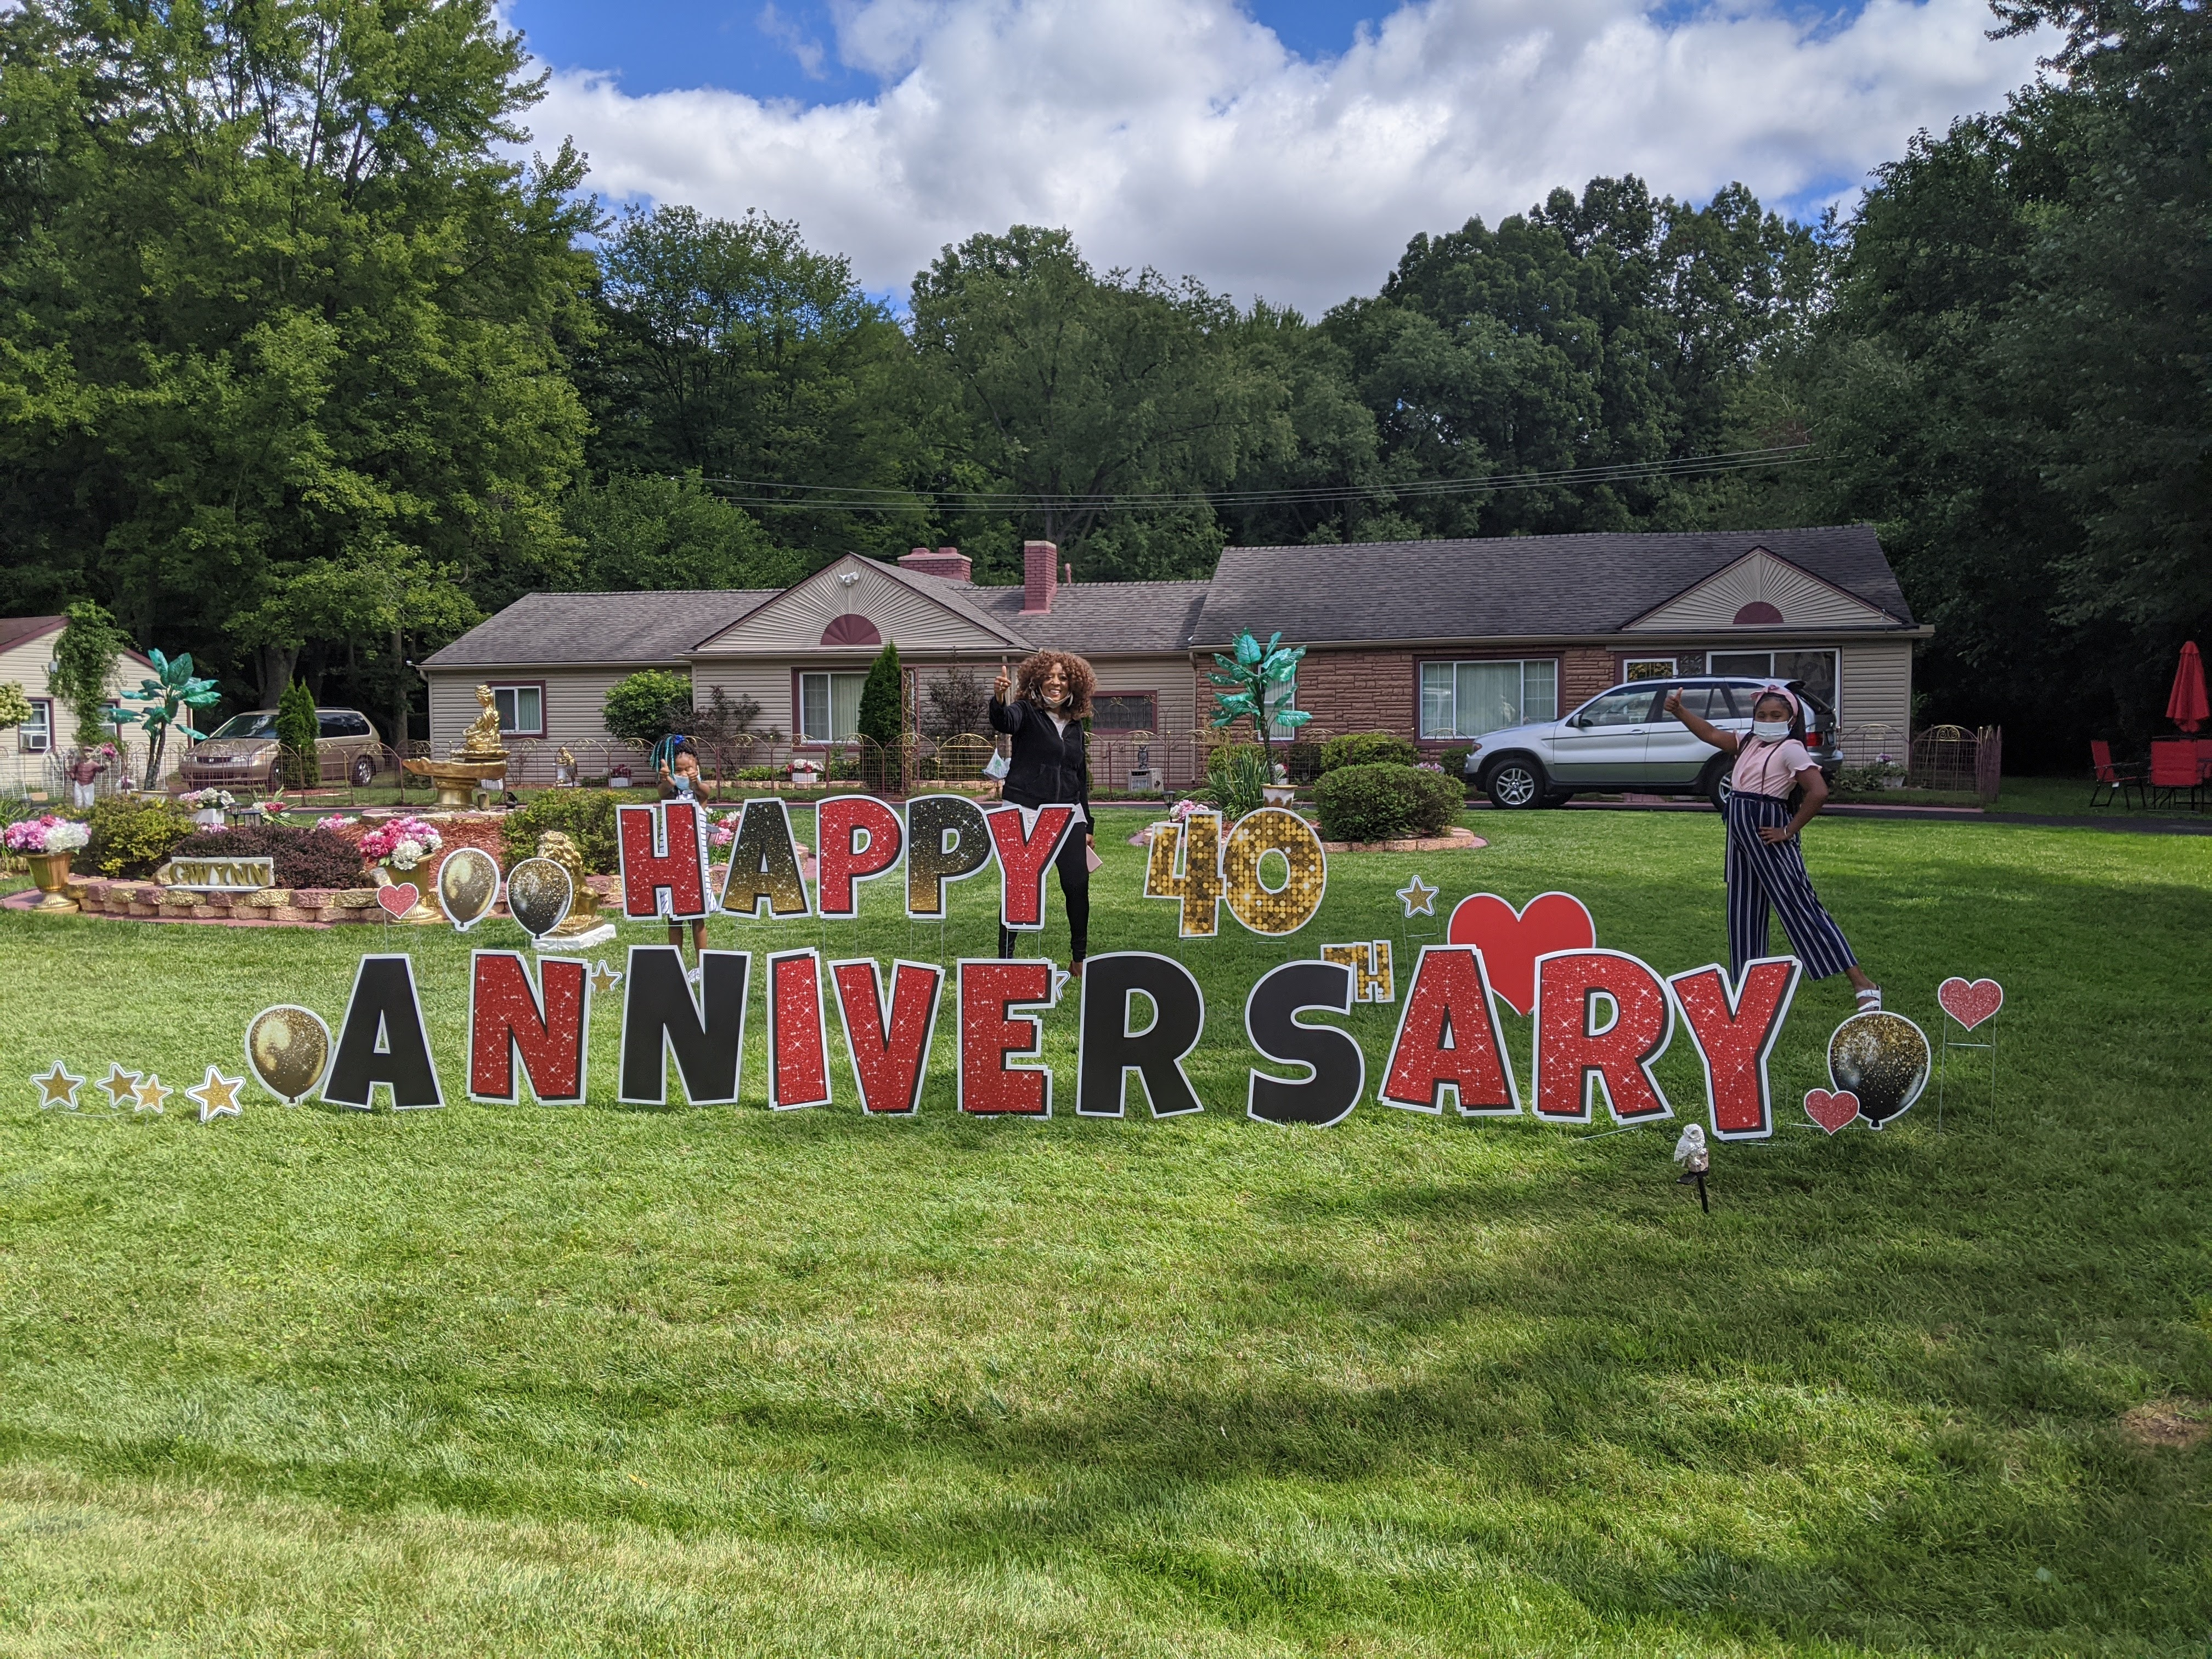 Anniversary?